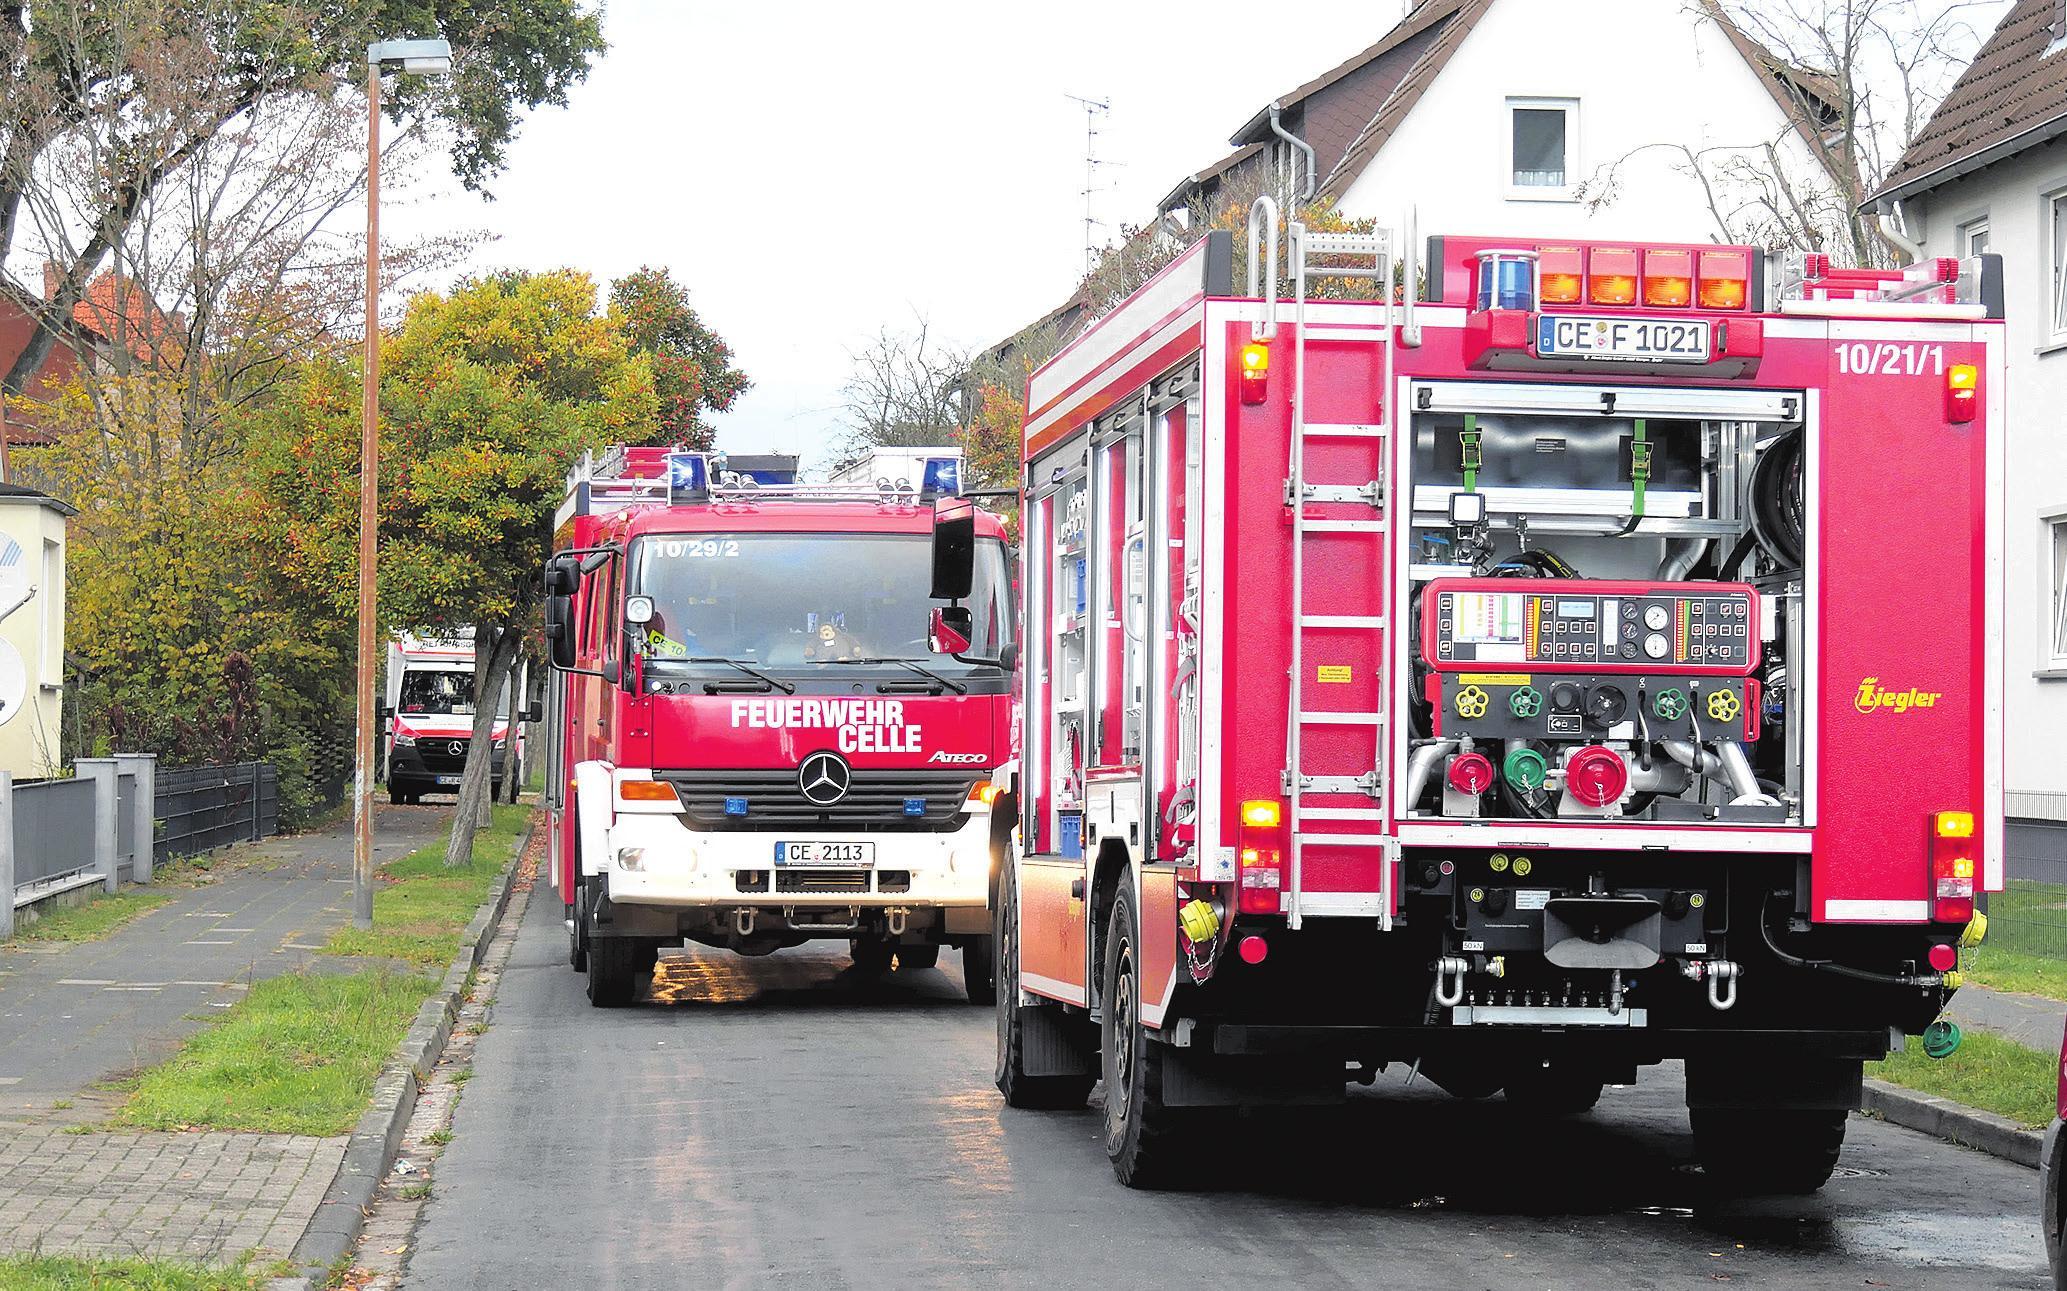 Fahrzeuge der Feuerwehr am Einsatzort. Foto: Feuerwehr Celle